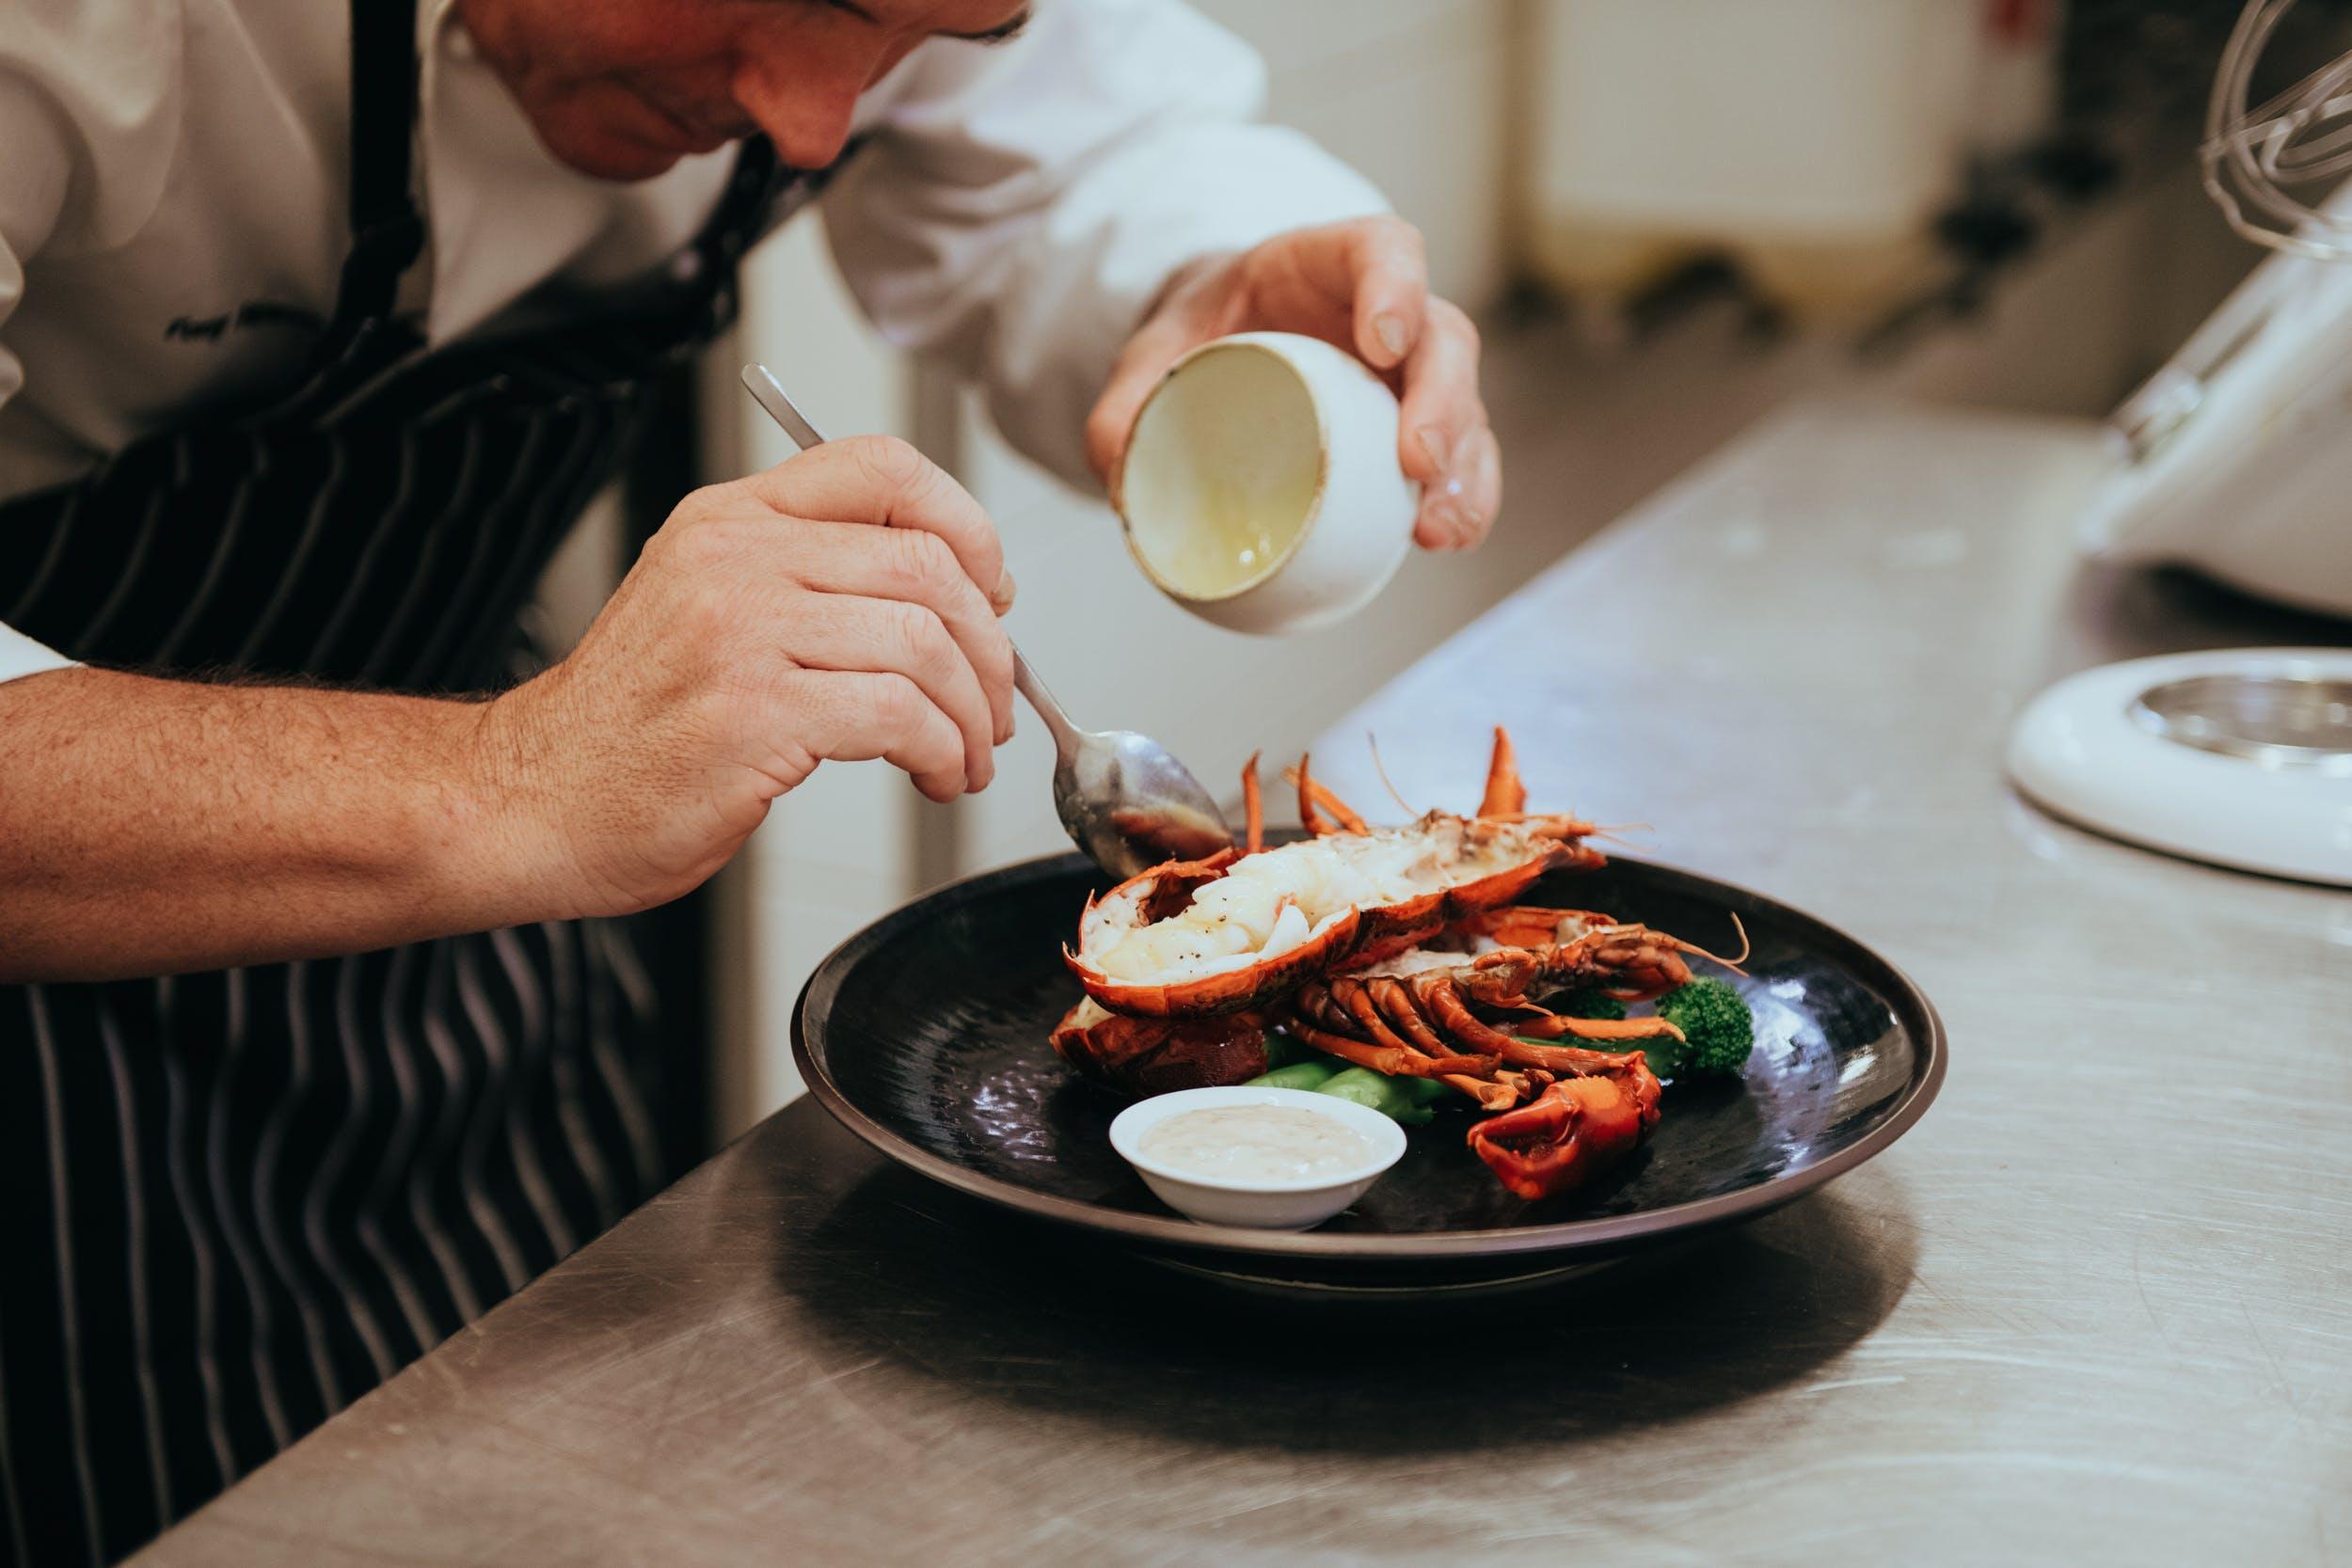 attrezzature ristorazione professionale